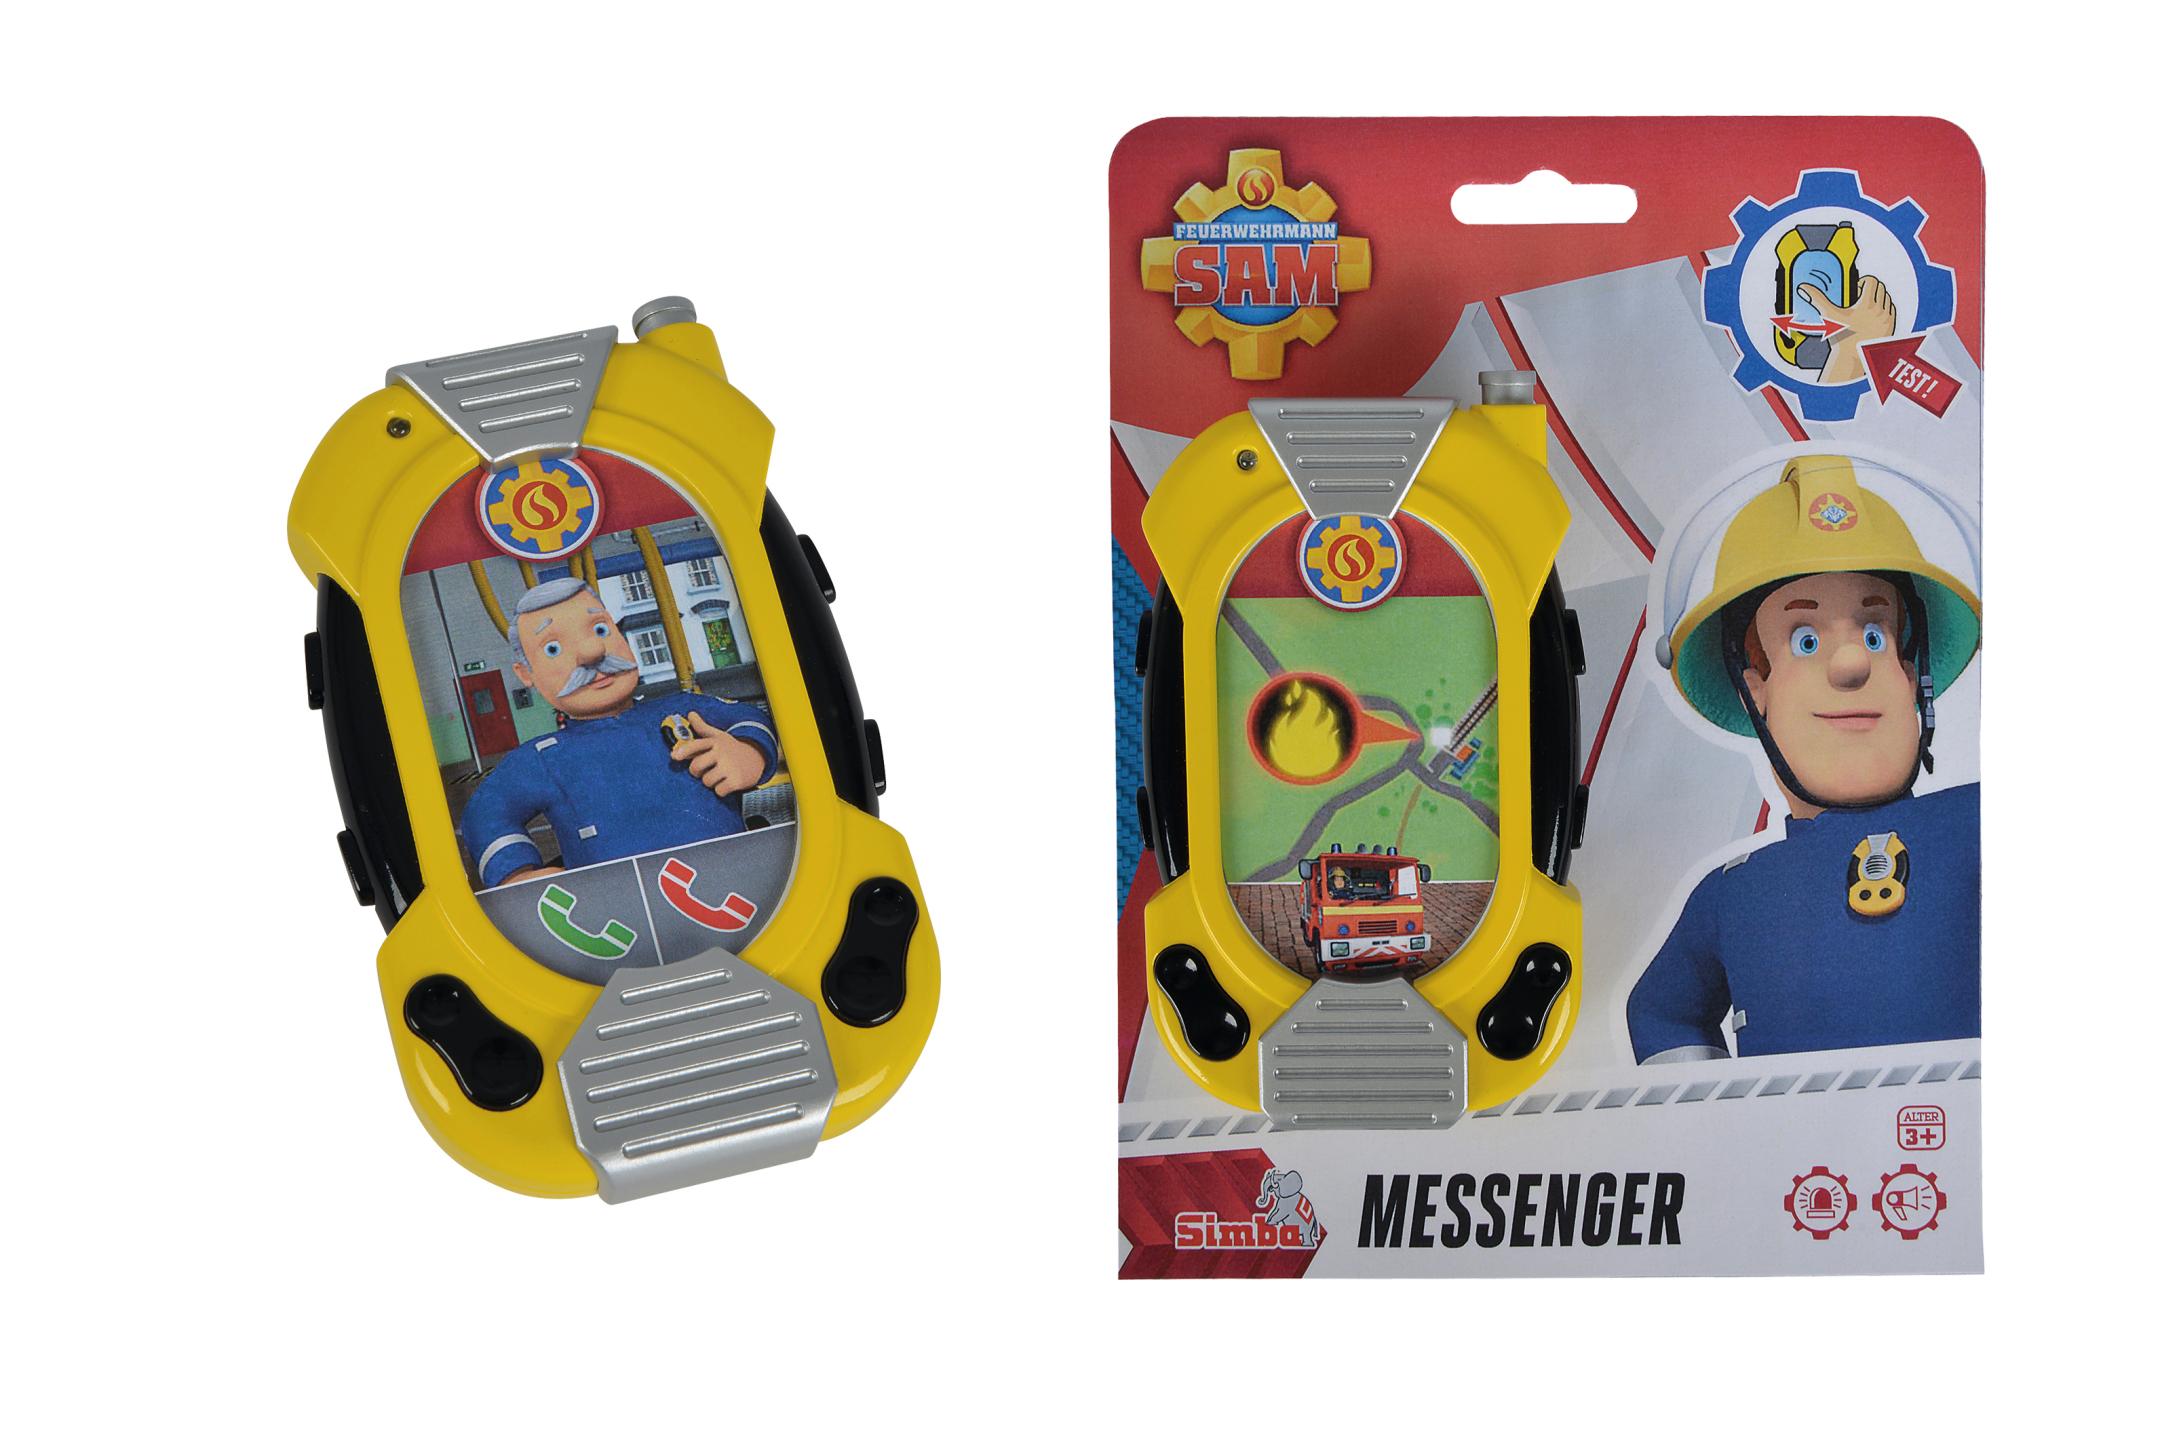 Fireman Sam Messenger